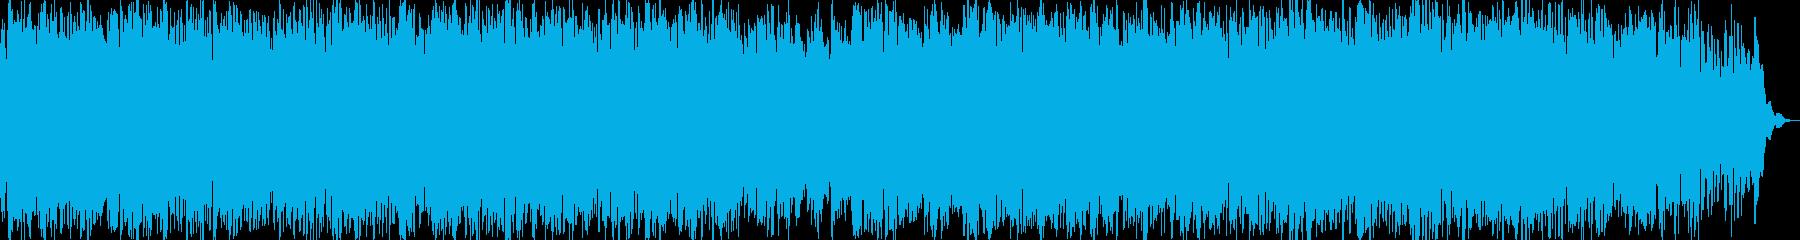 繰り返しのリラクゼーションミュージックの再生済みの波形